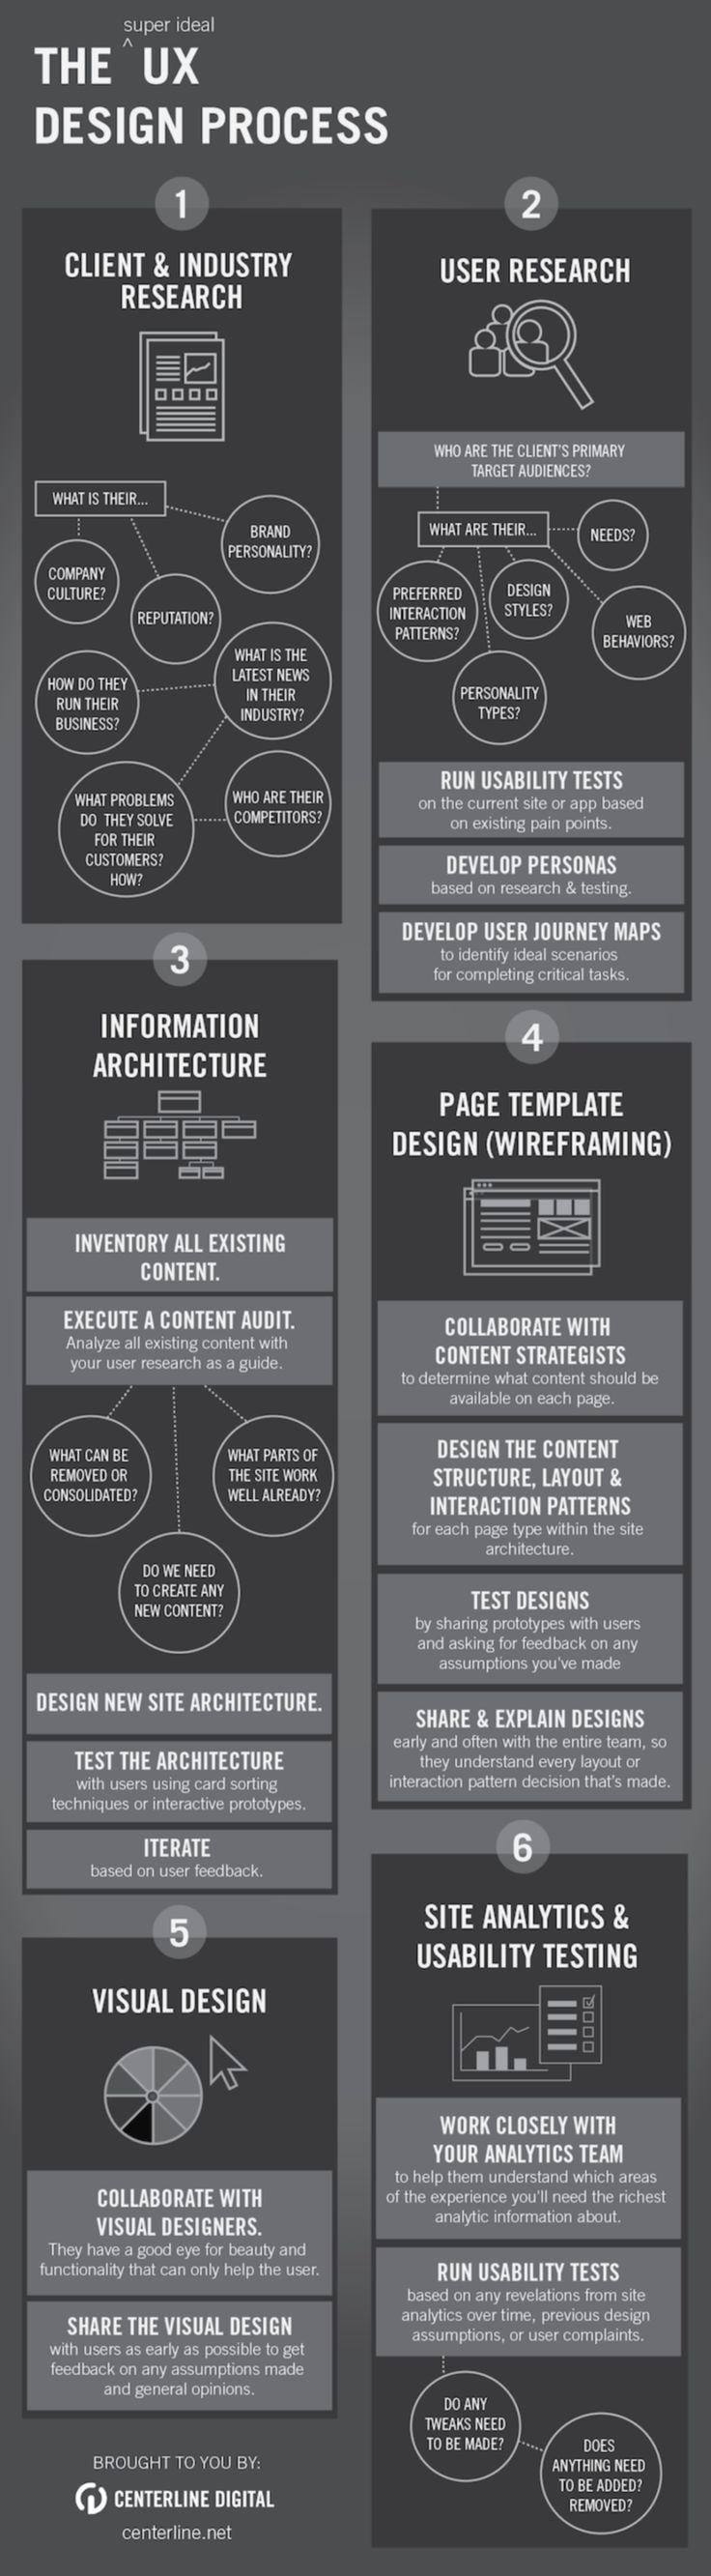 Whitepaper IT provides best UIUX design services